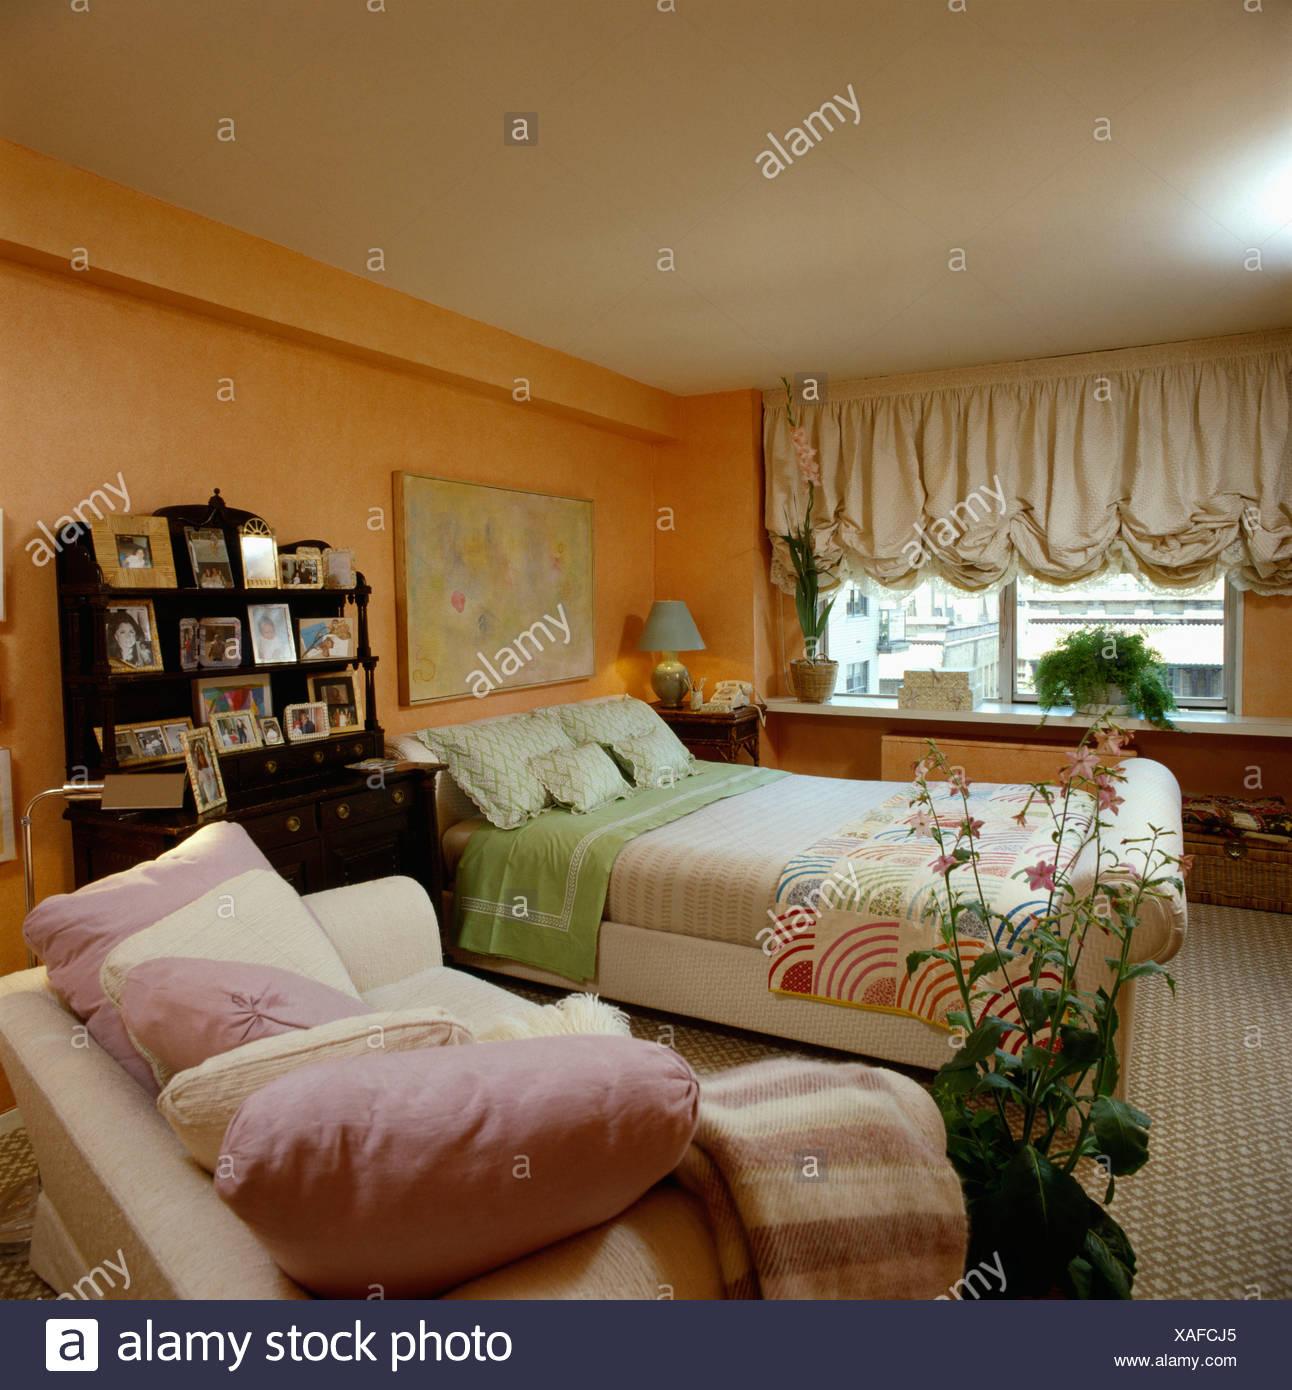 Festoon Crème Et Orange Dans Les Murs Aveugles 80 Chambre Avec Draps Vert  Et Rose Coussins Sur Canapé